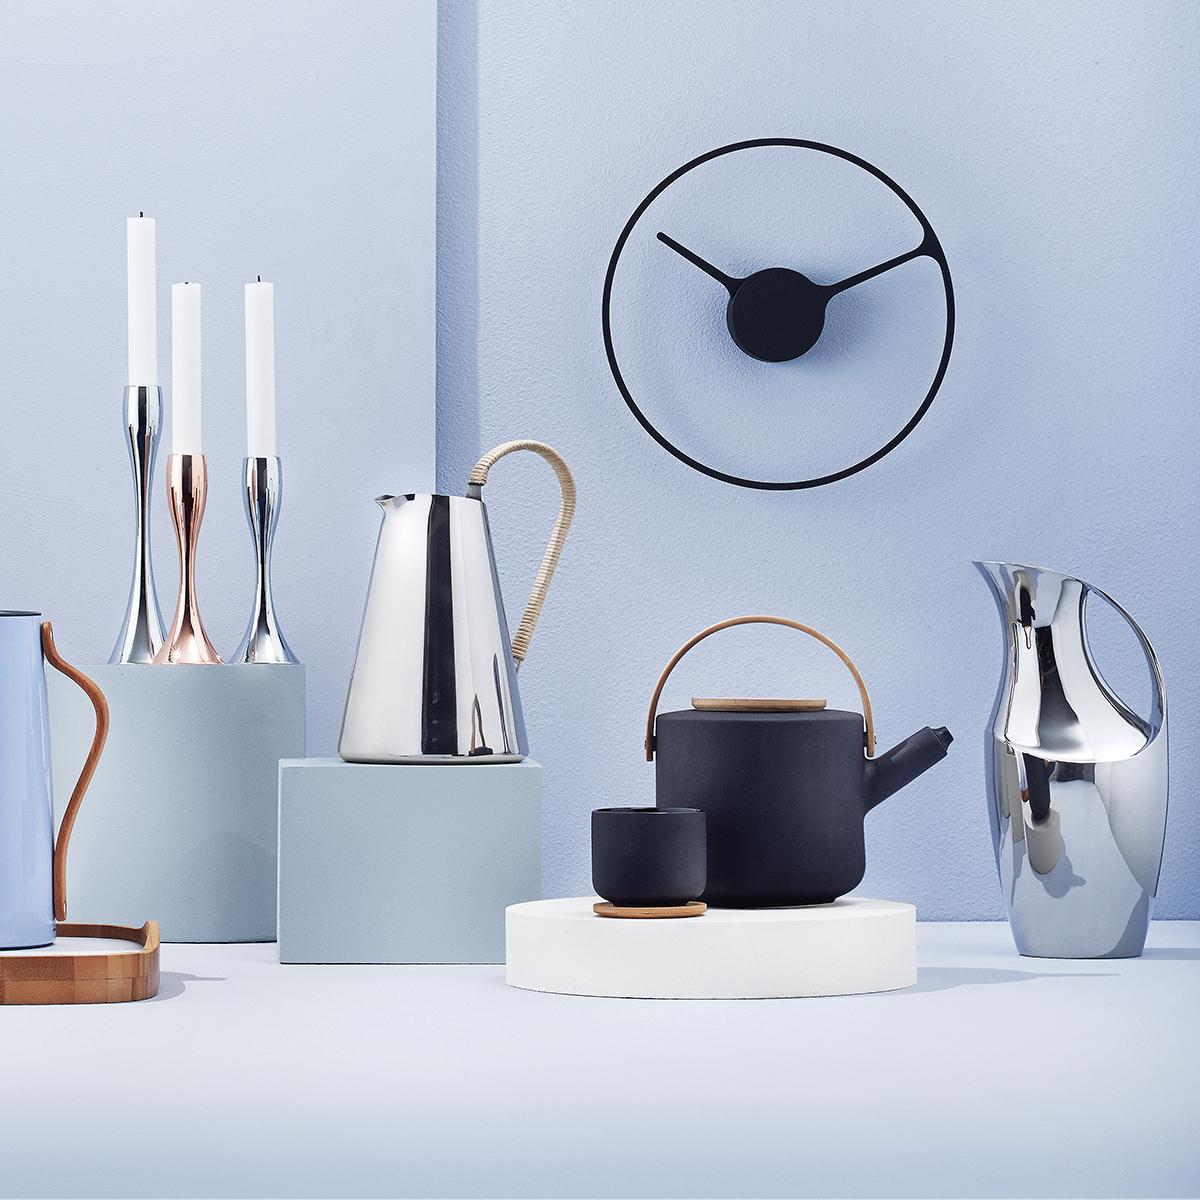 茶具毕业设计展板